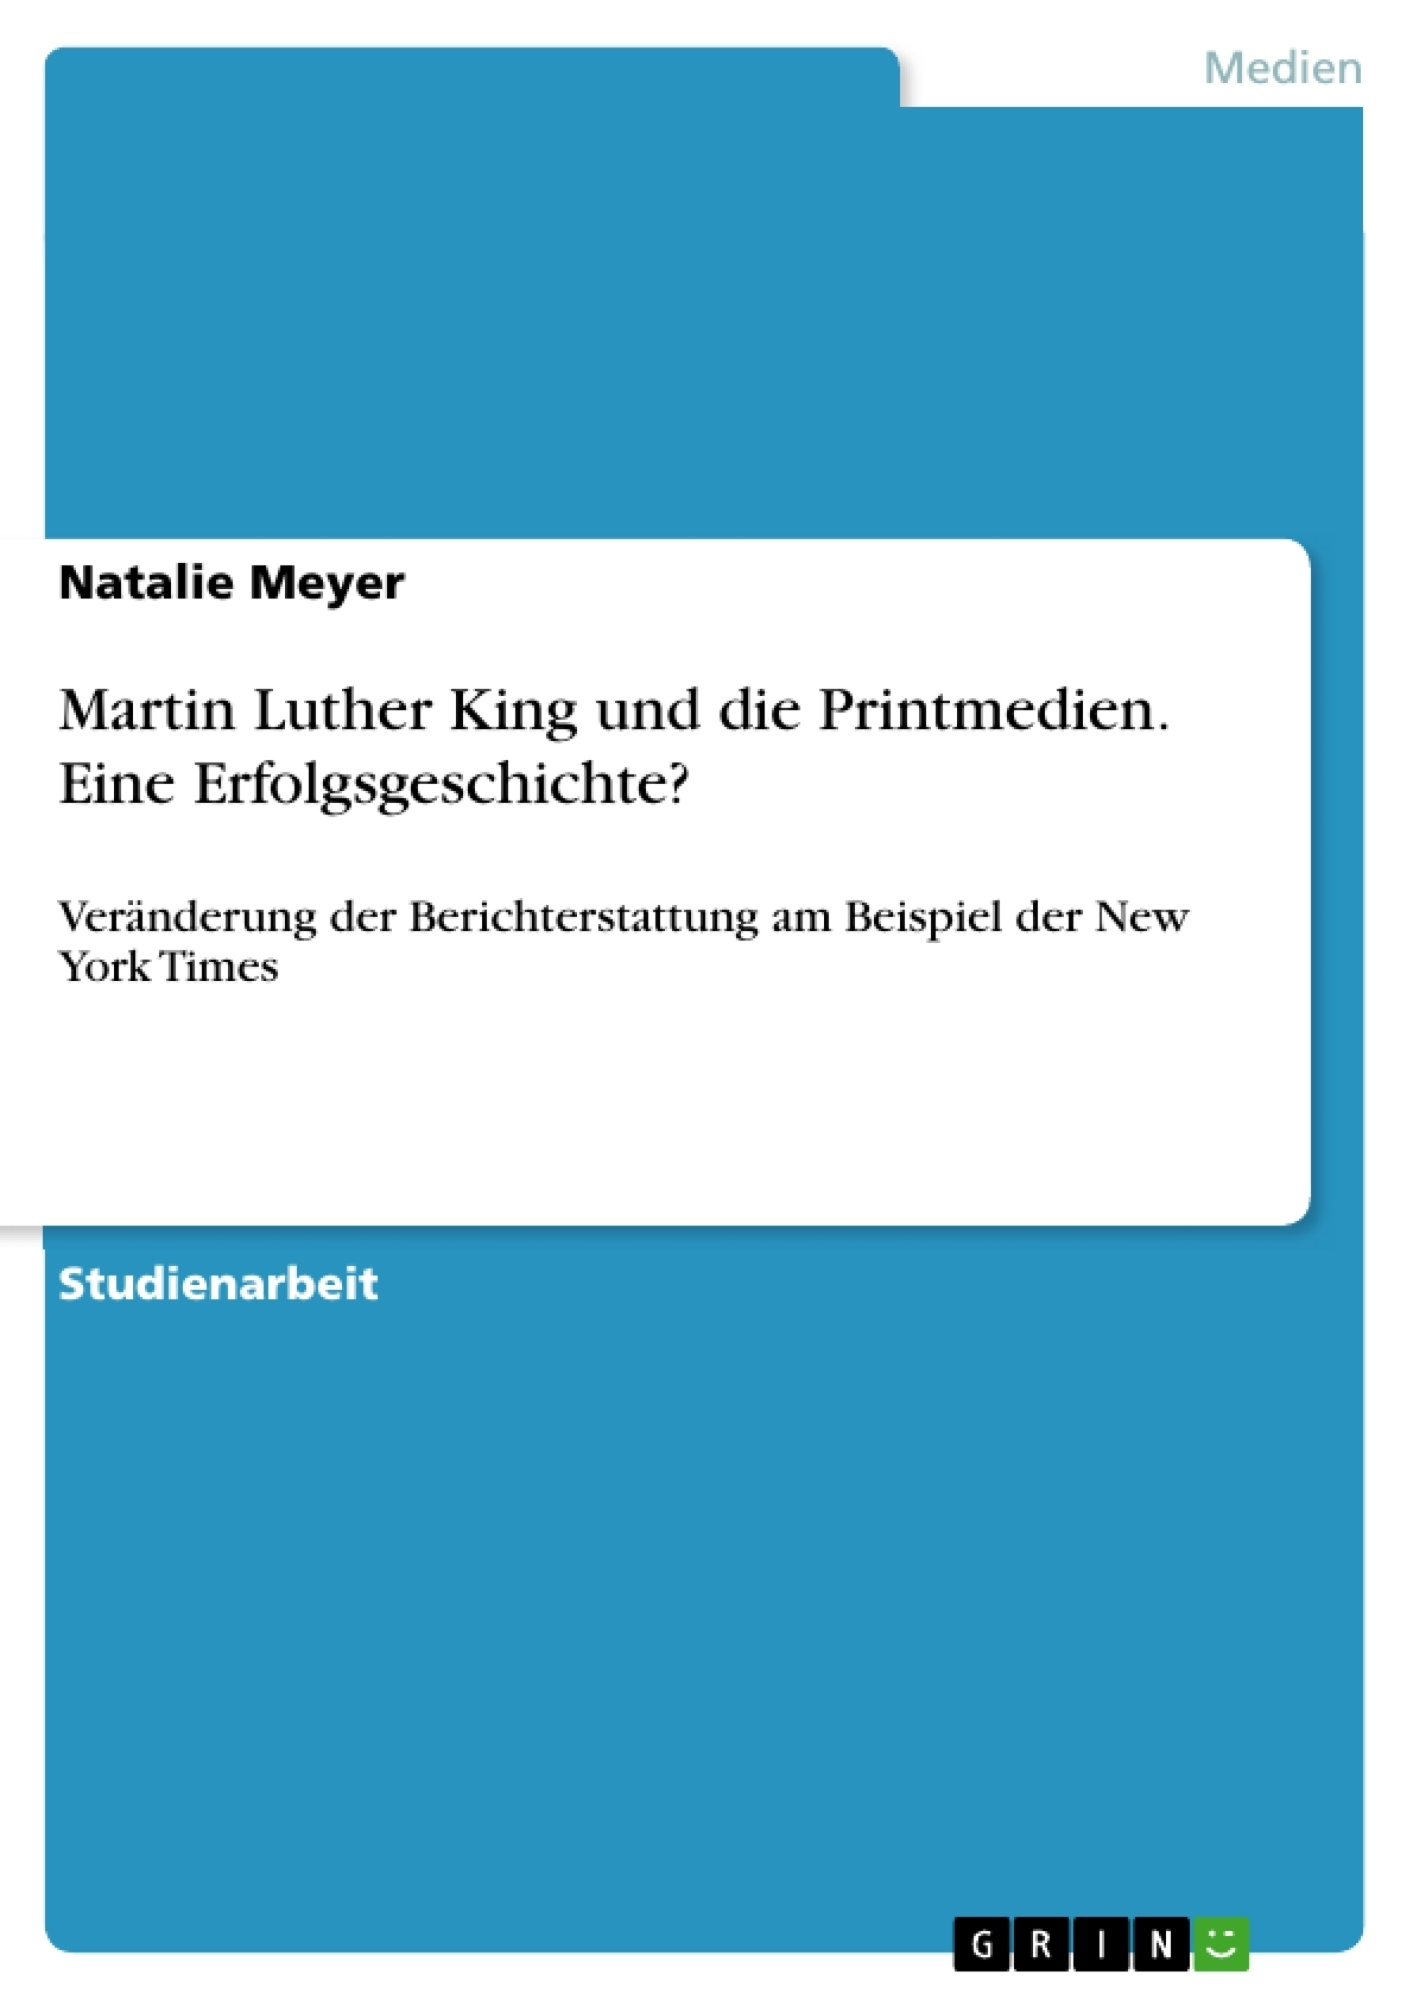 Titel: Martin Luther King und die Printmedien. Eine Erfolgsgeschichte?